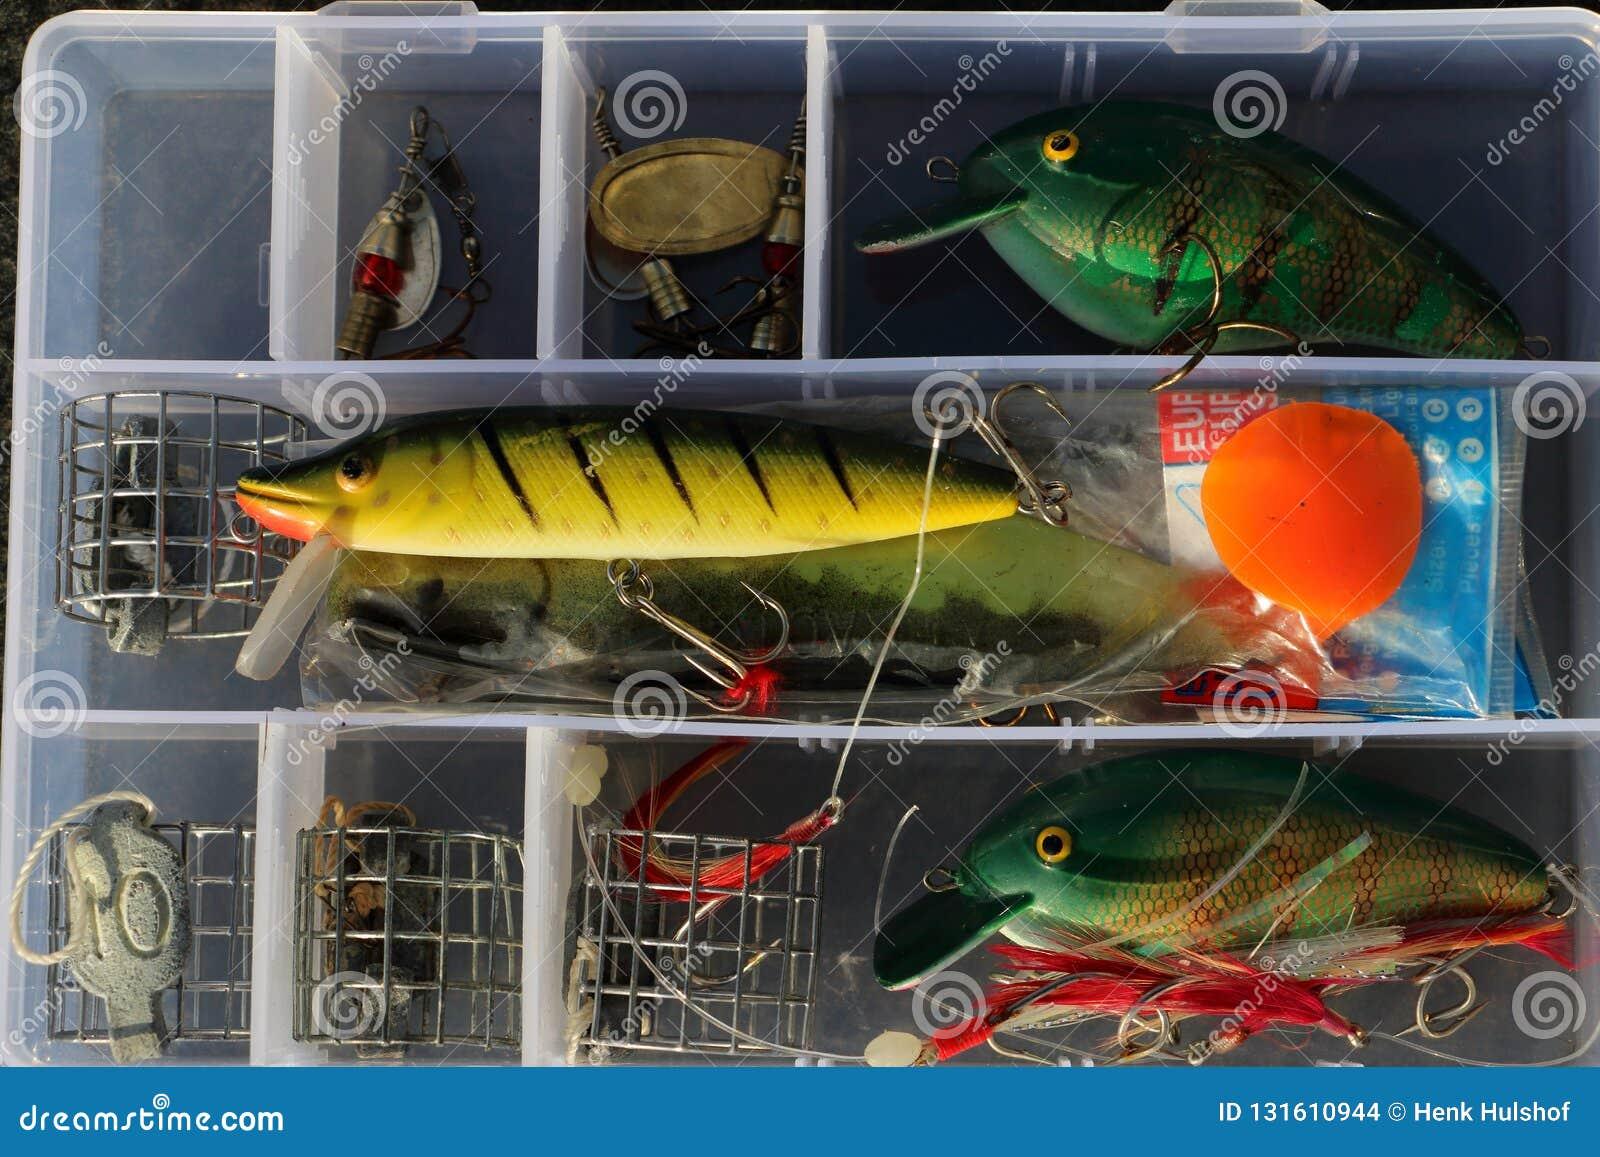 Caixa de equipamento de pesca para a recreação